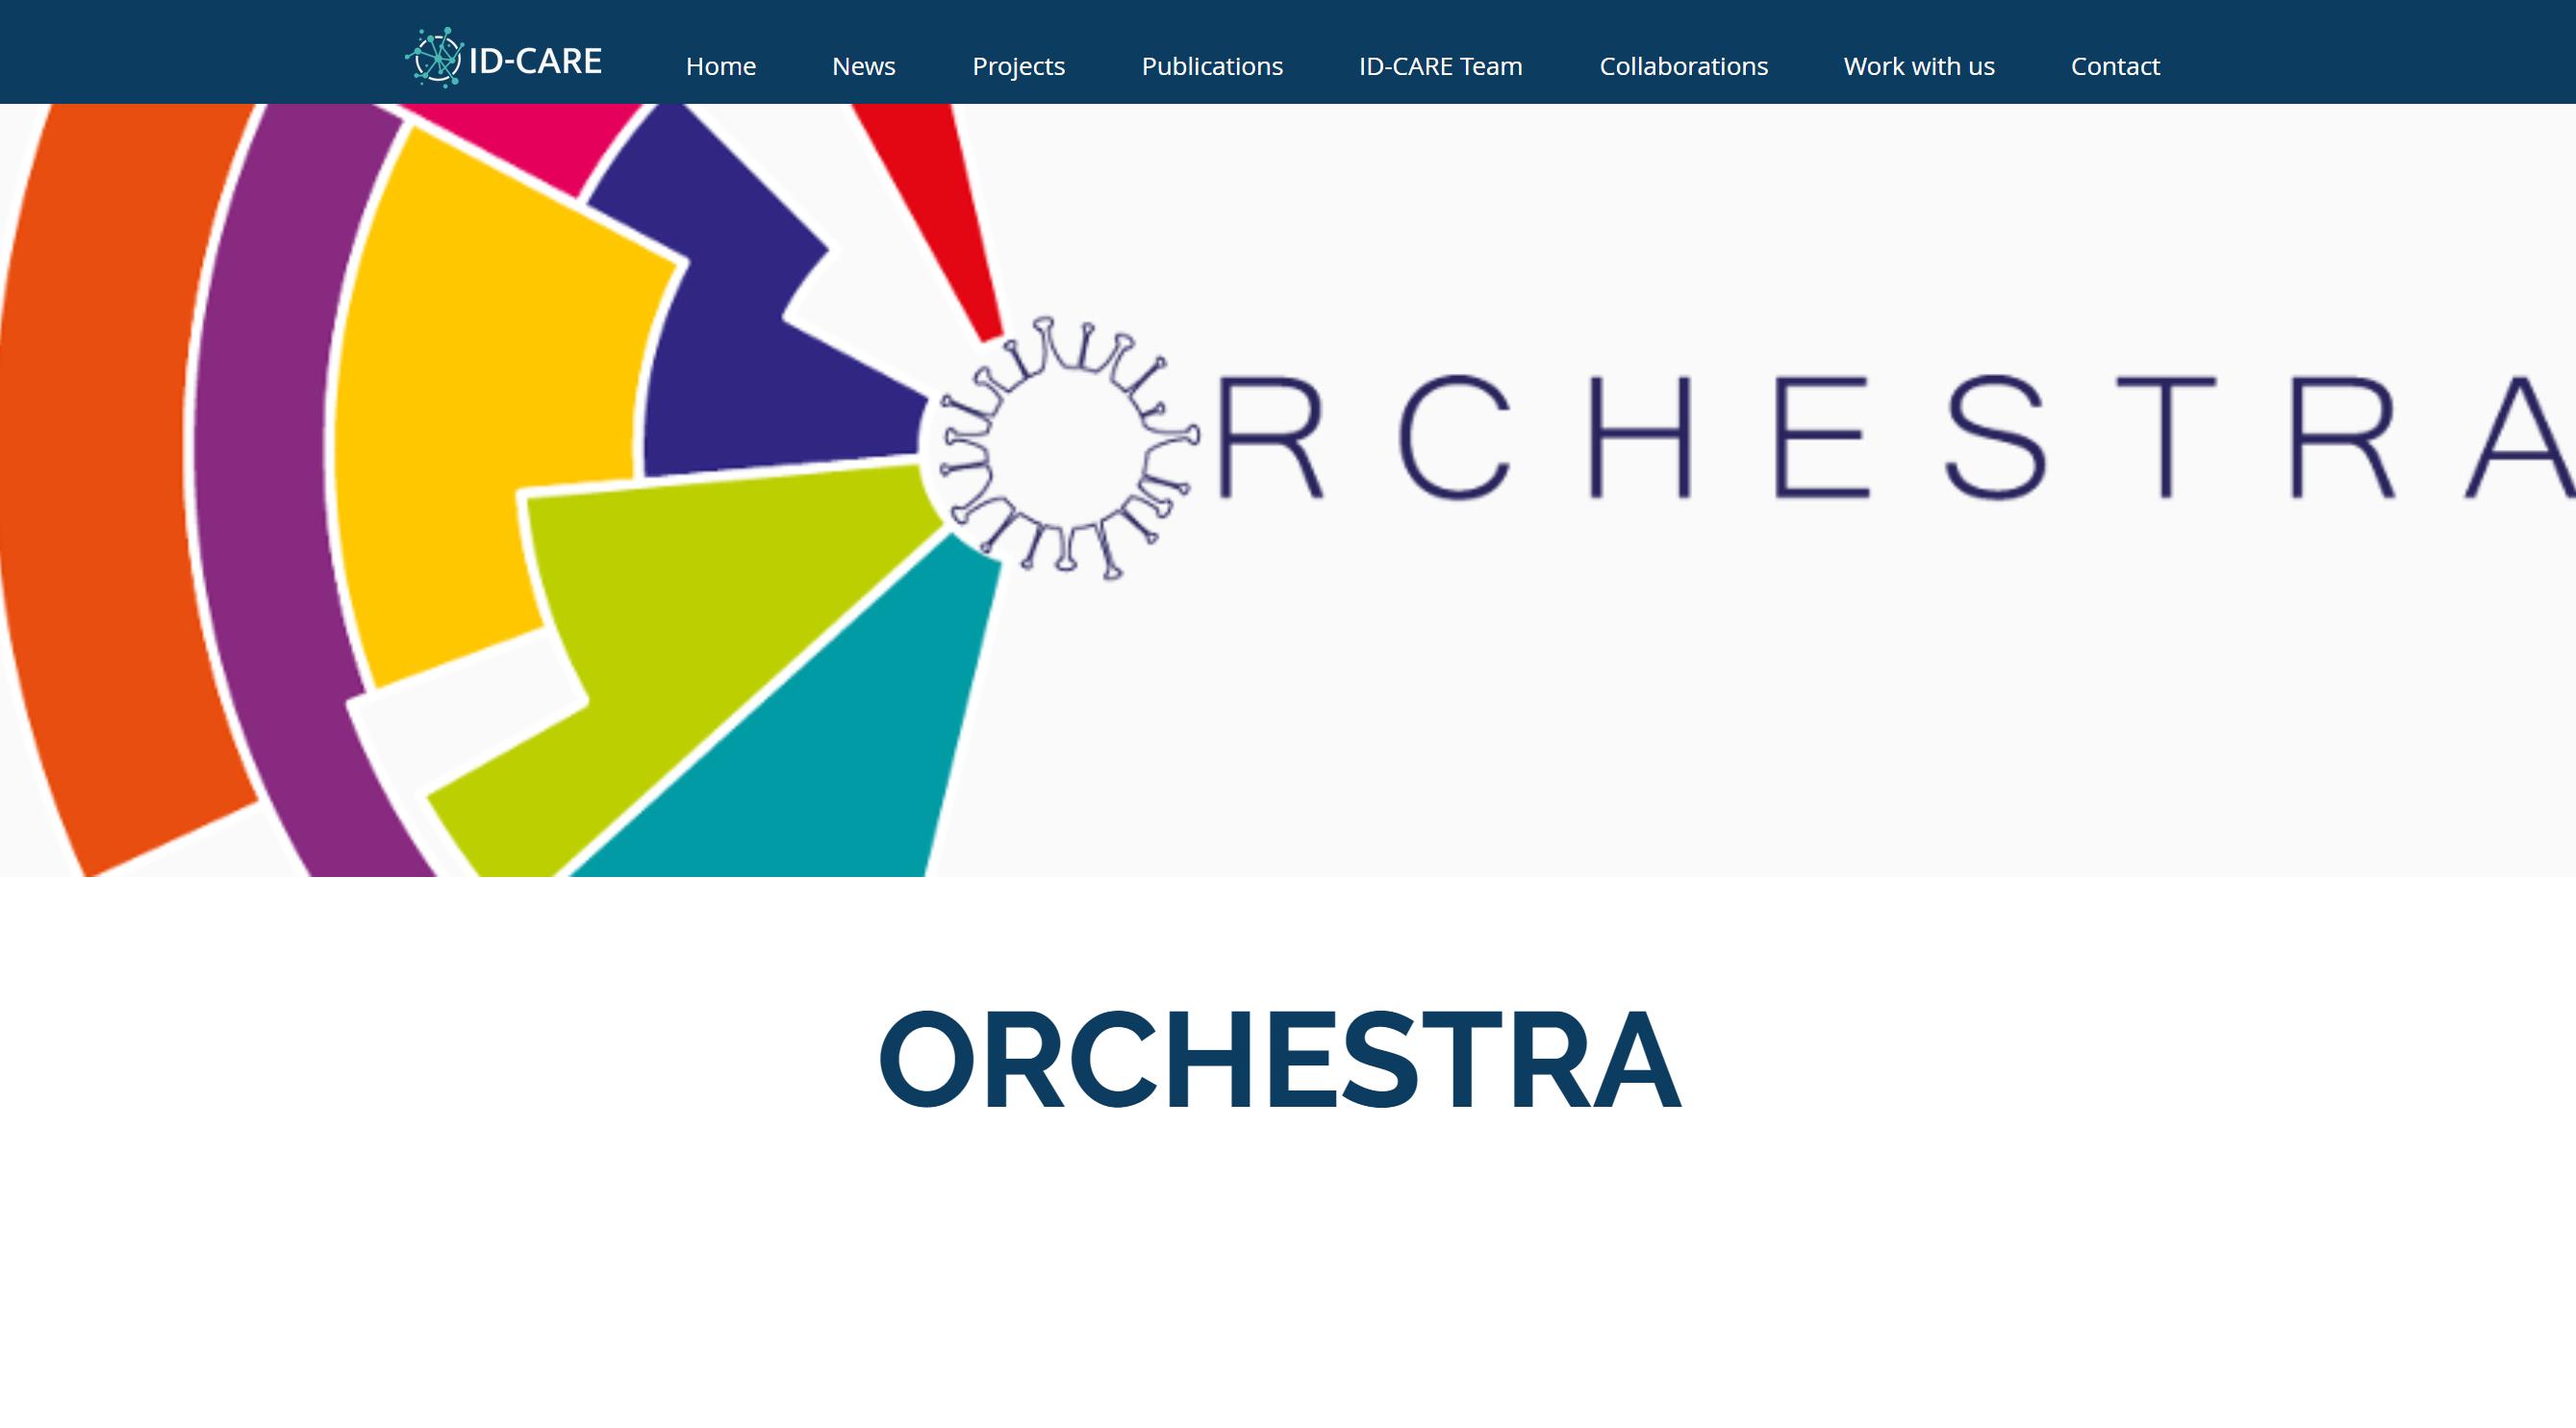 ORCHESTRA ID CARE